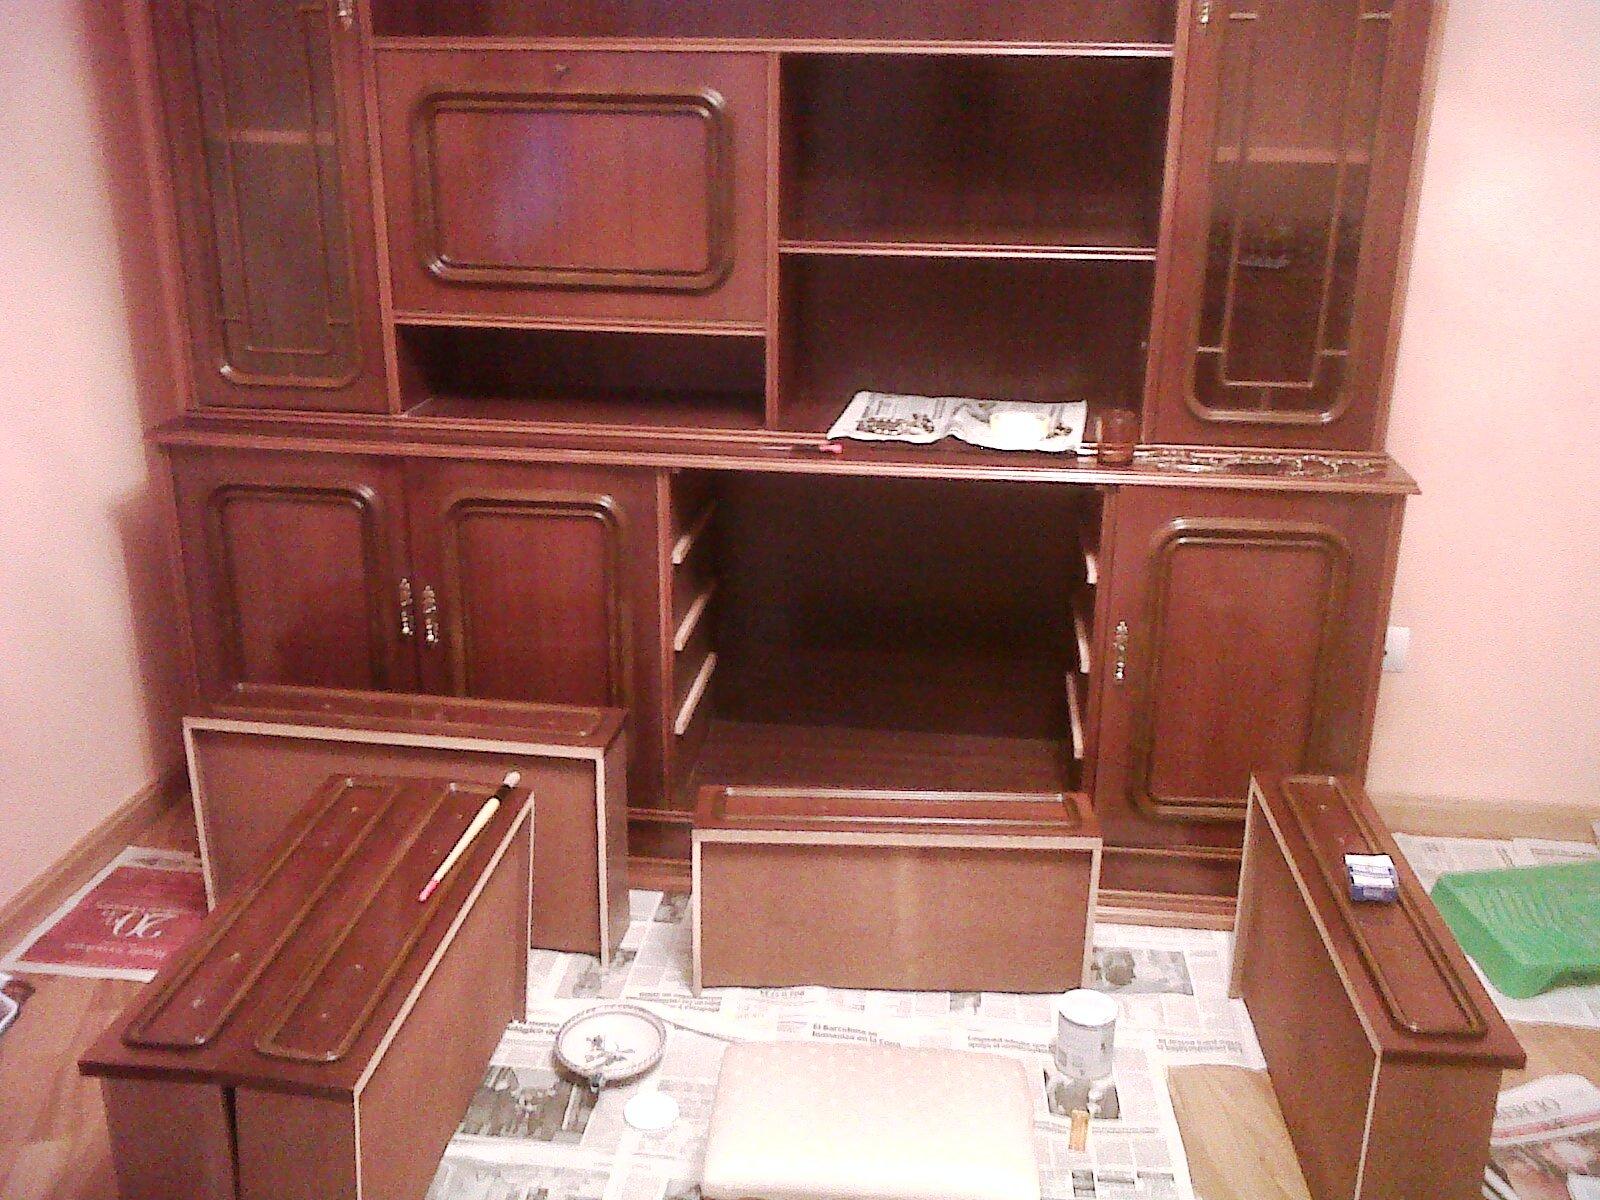 Naifandtastic decoraci n craft hecho a mano restauracion muebles casas peque as boda antes - Como restaurar muebles ...